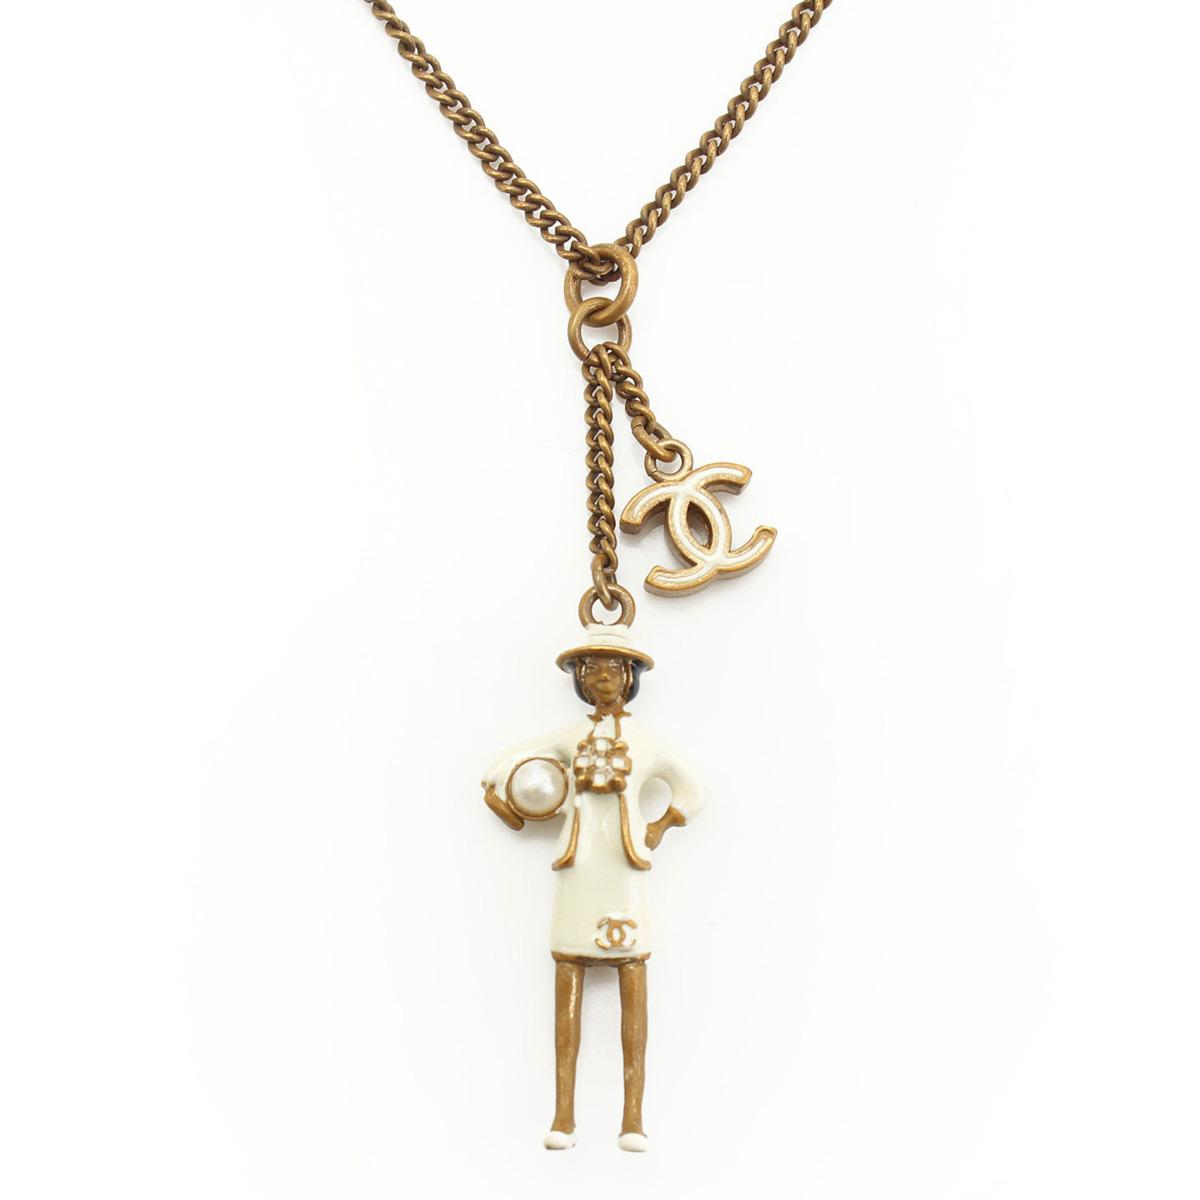 【シャネル】Chanel B12 ココマドモアゼル パール ミニドール ネックレス ゴールド  【中古】【鑑定済・正規品保証】【送料無料】29467